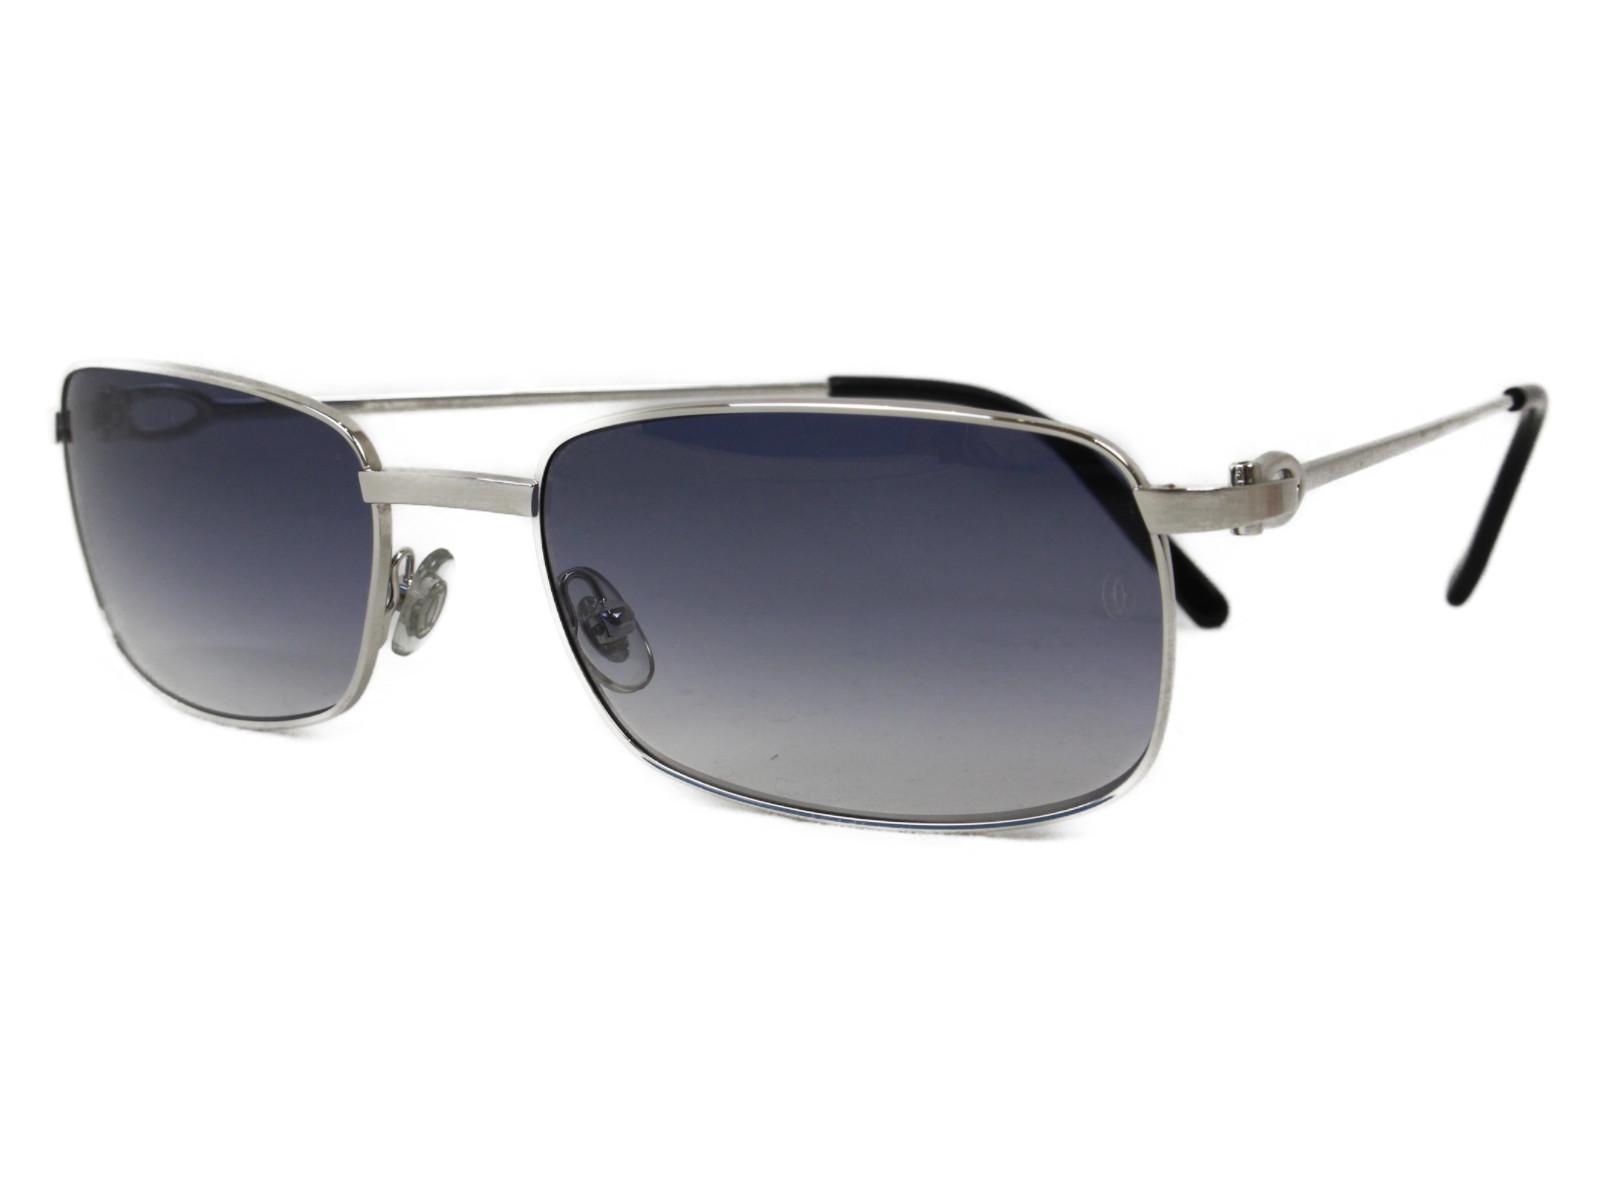 CARTIER カルティエ サングラス   シルバー×ブラック   レディース ユニセックス メンズ ウィメンズ 眼鏡 かっこいい 小物 紳士【中古】